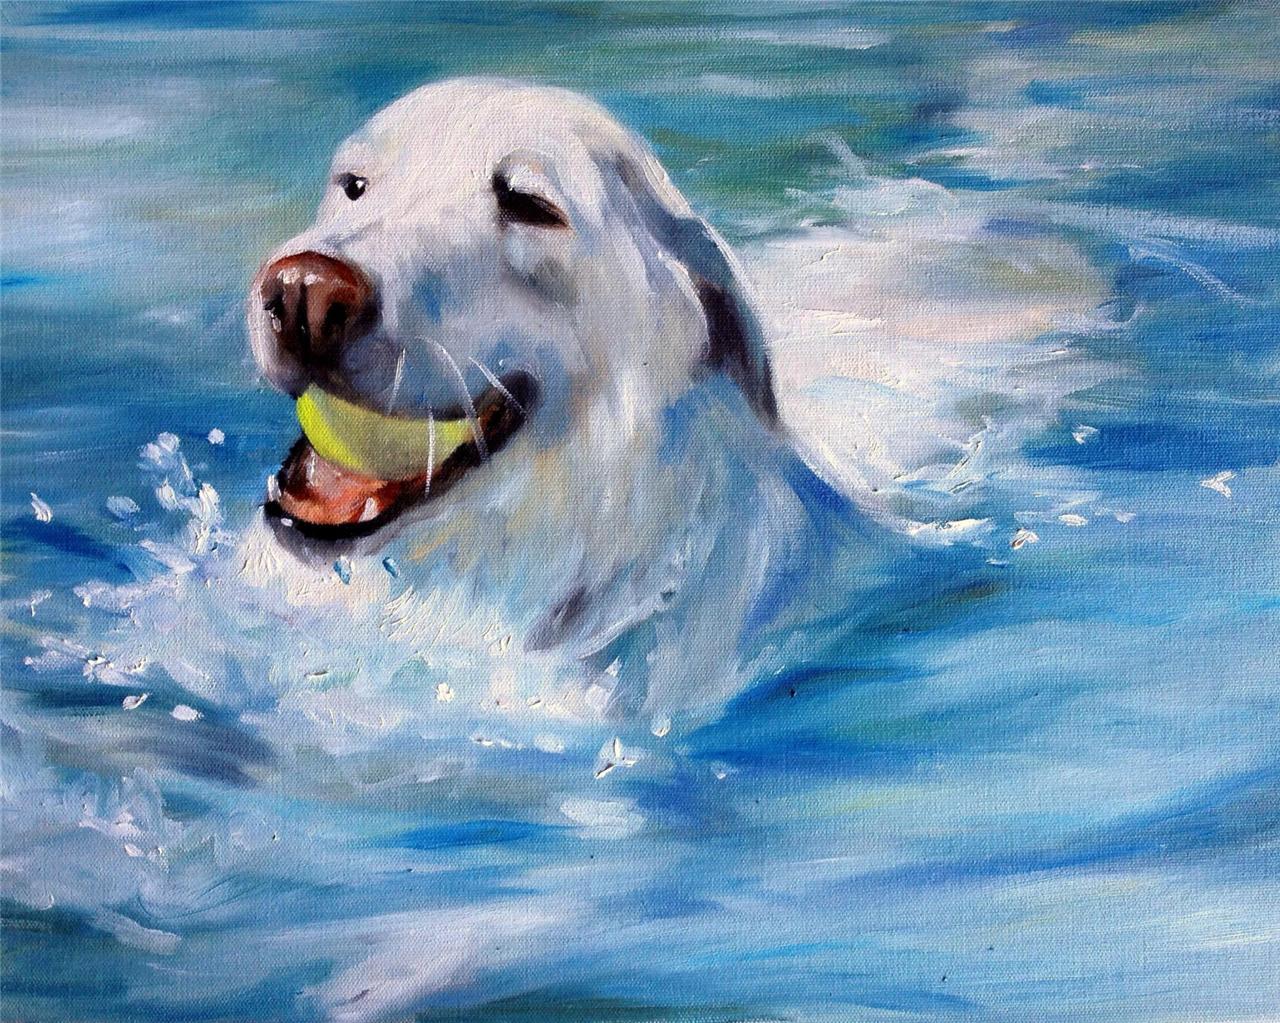 Sparrow Yellow Labrador Retriever Lab Dog Painting Swimming Pool Water Original Ebay